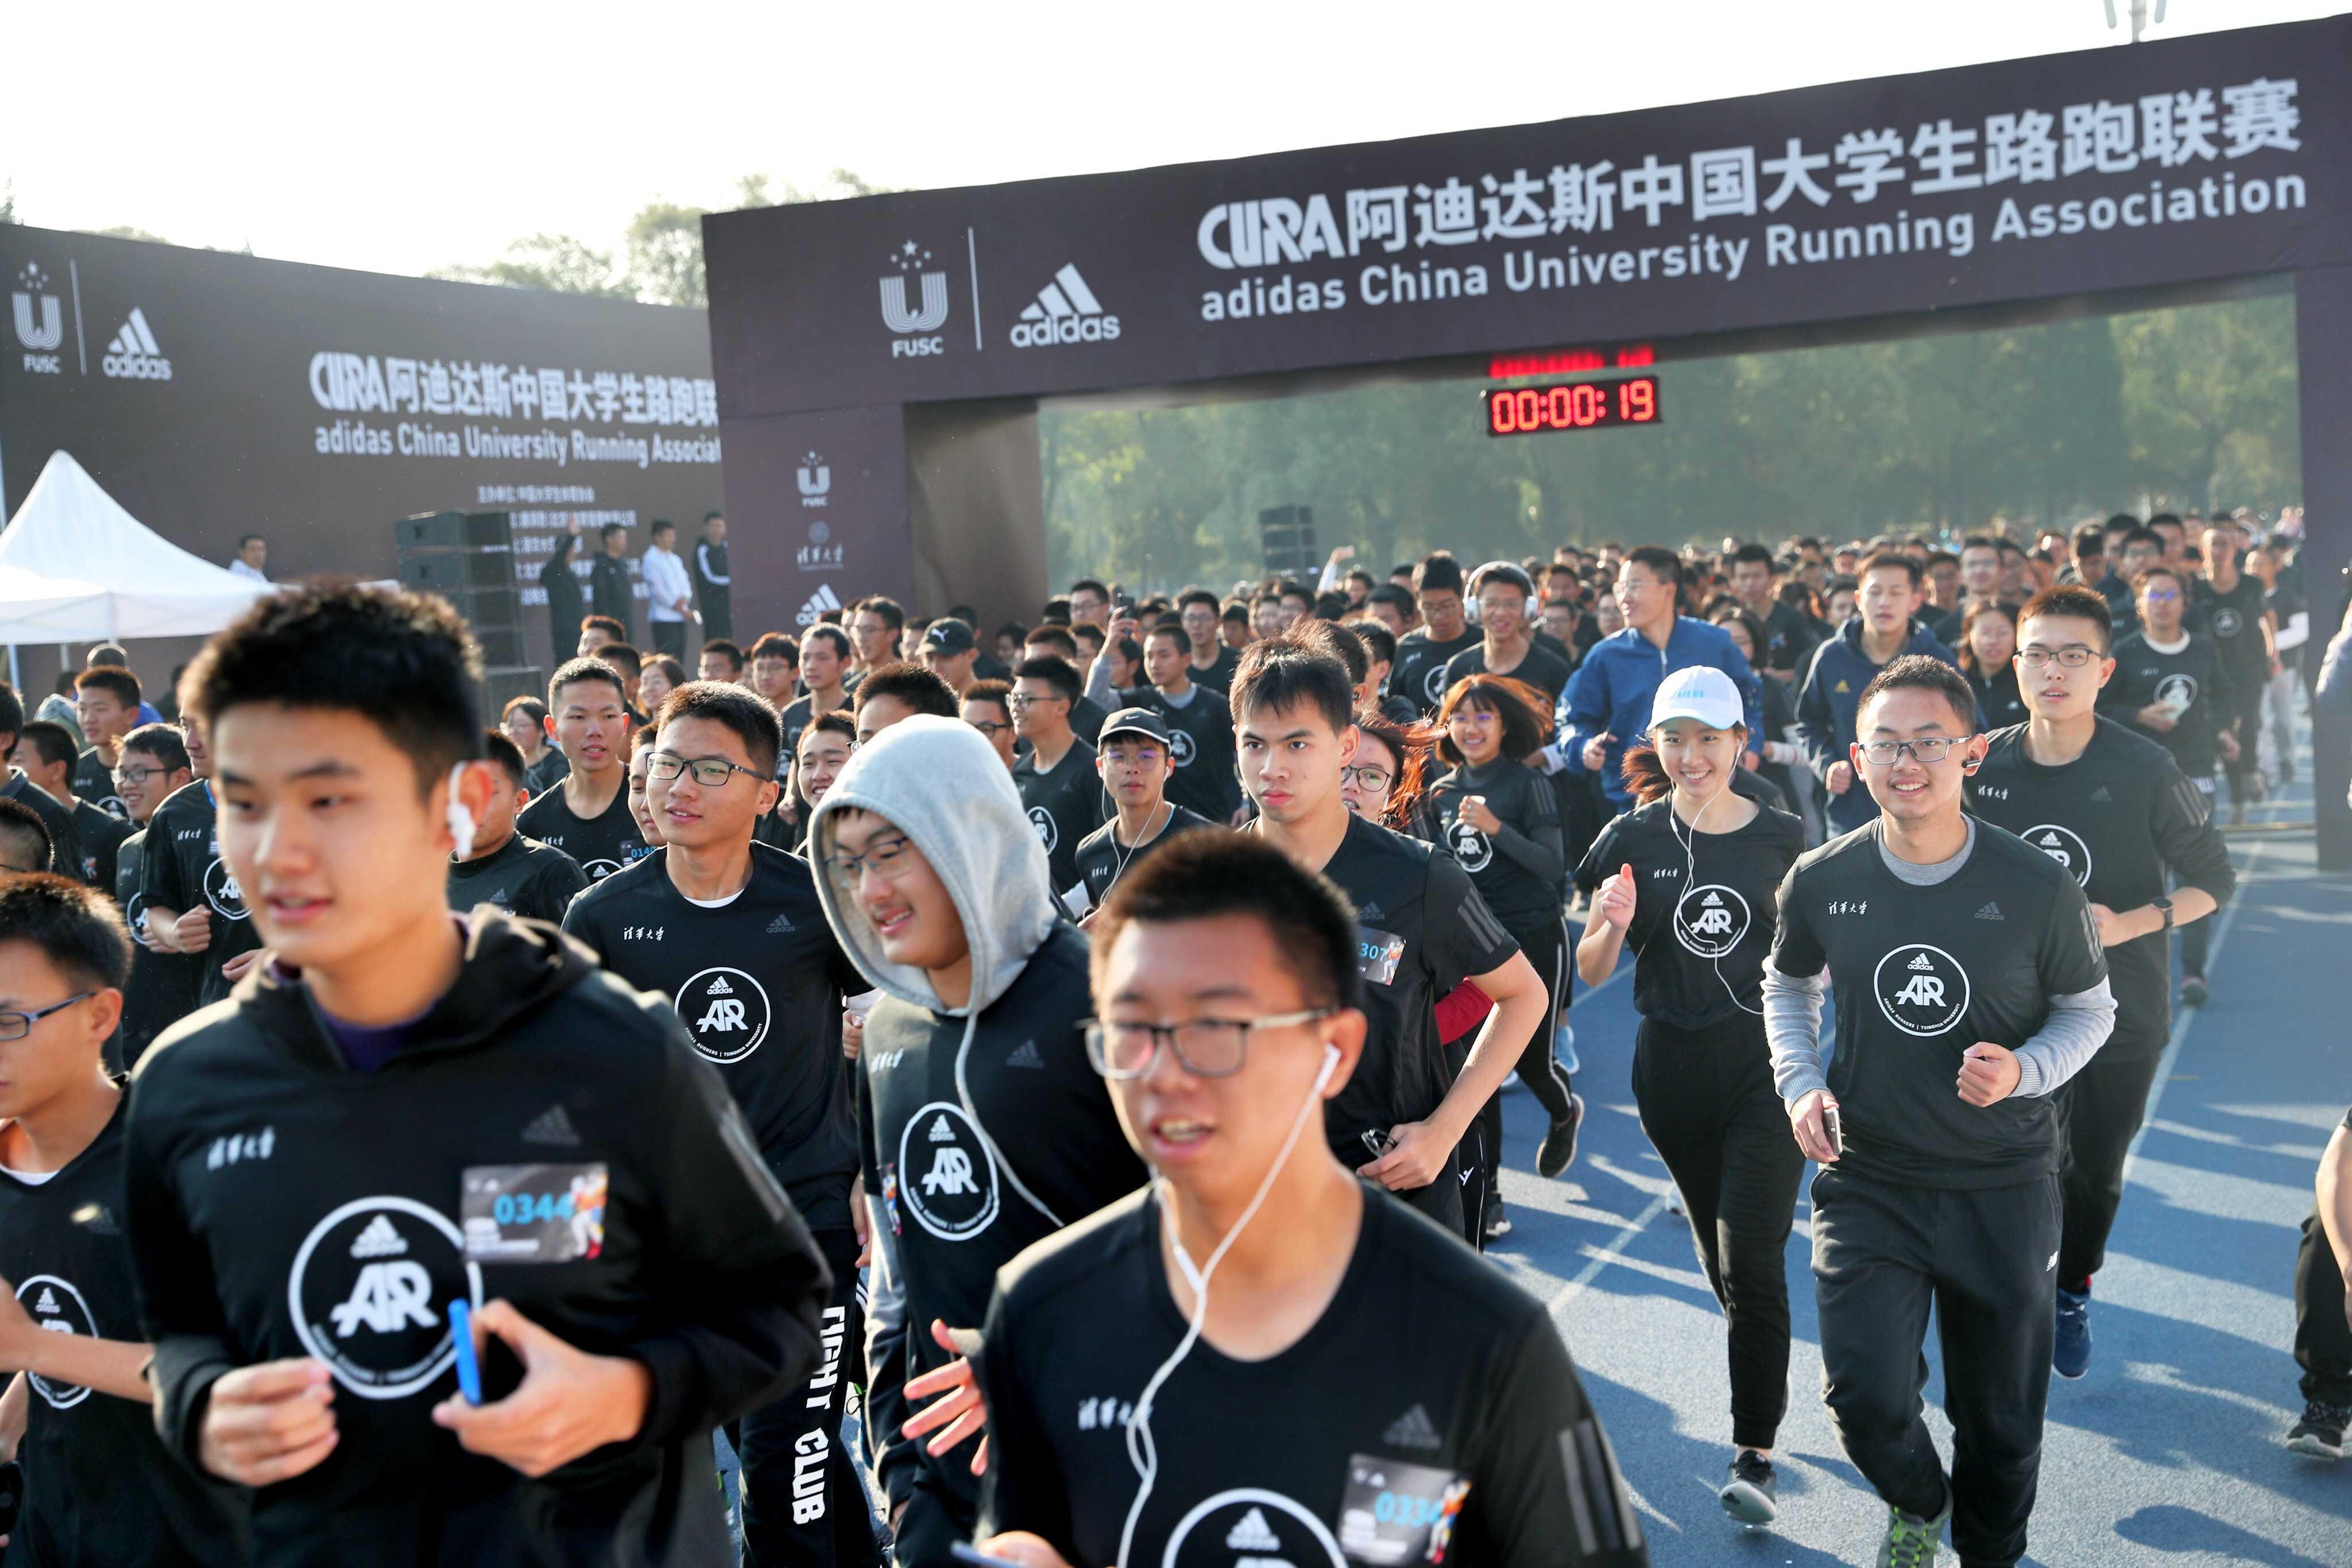 新起点  CURA阿迪达斯中国大学生路跑联赛在清华大学全面启动